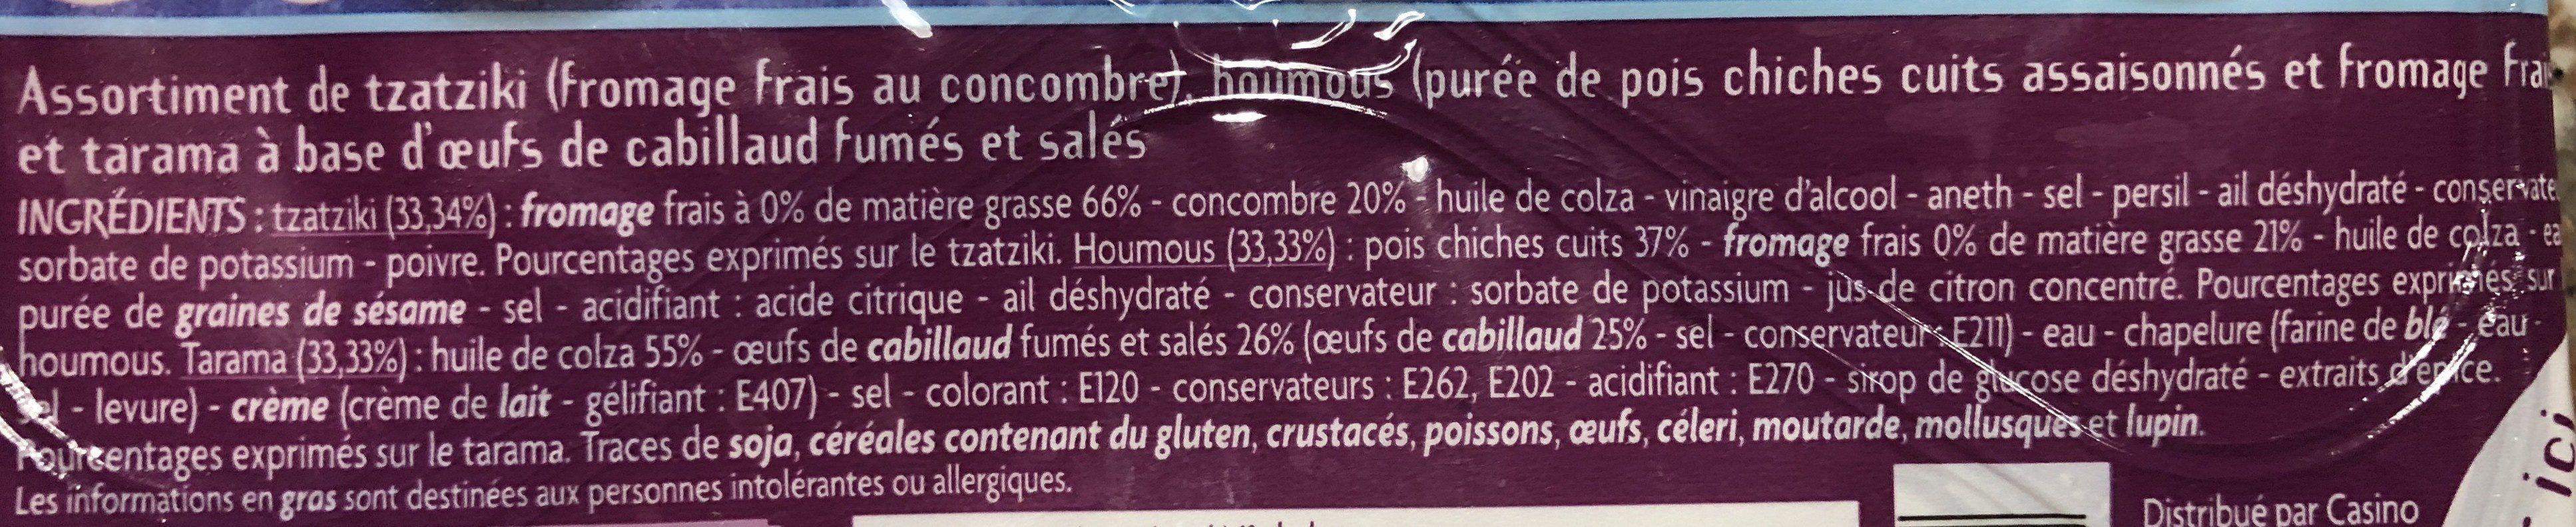 Tarama aux oeufs de cabillaud / Houmous pois chiche et fromage frais / Tzatziki fromage frais et concombre - Ingredients